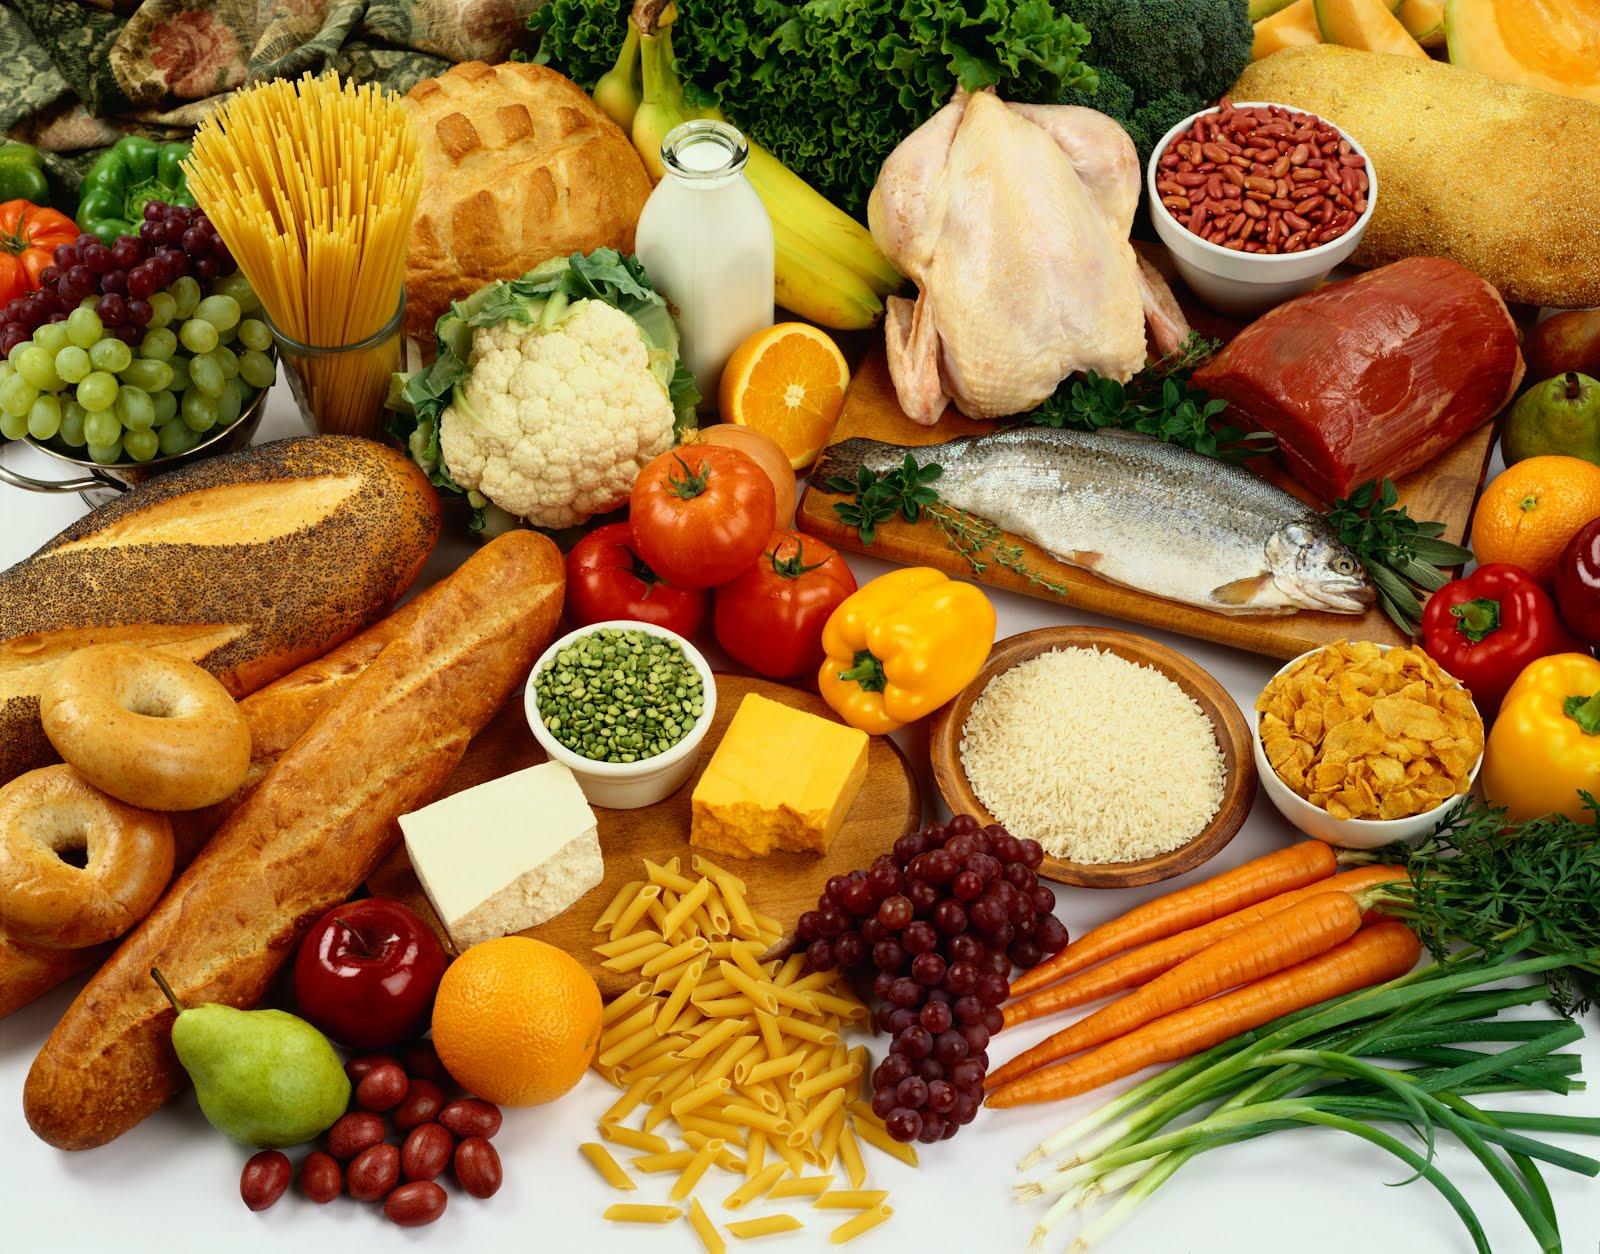 В картинке все продукты питания